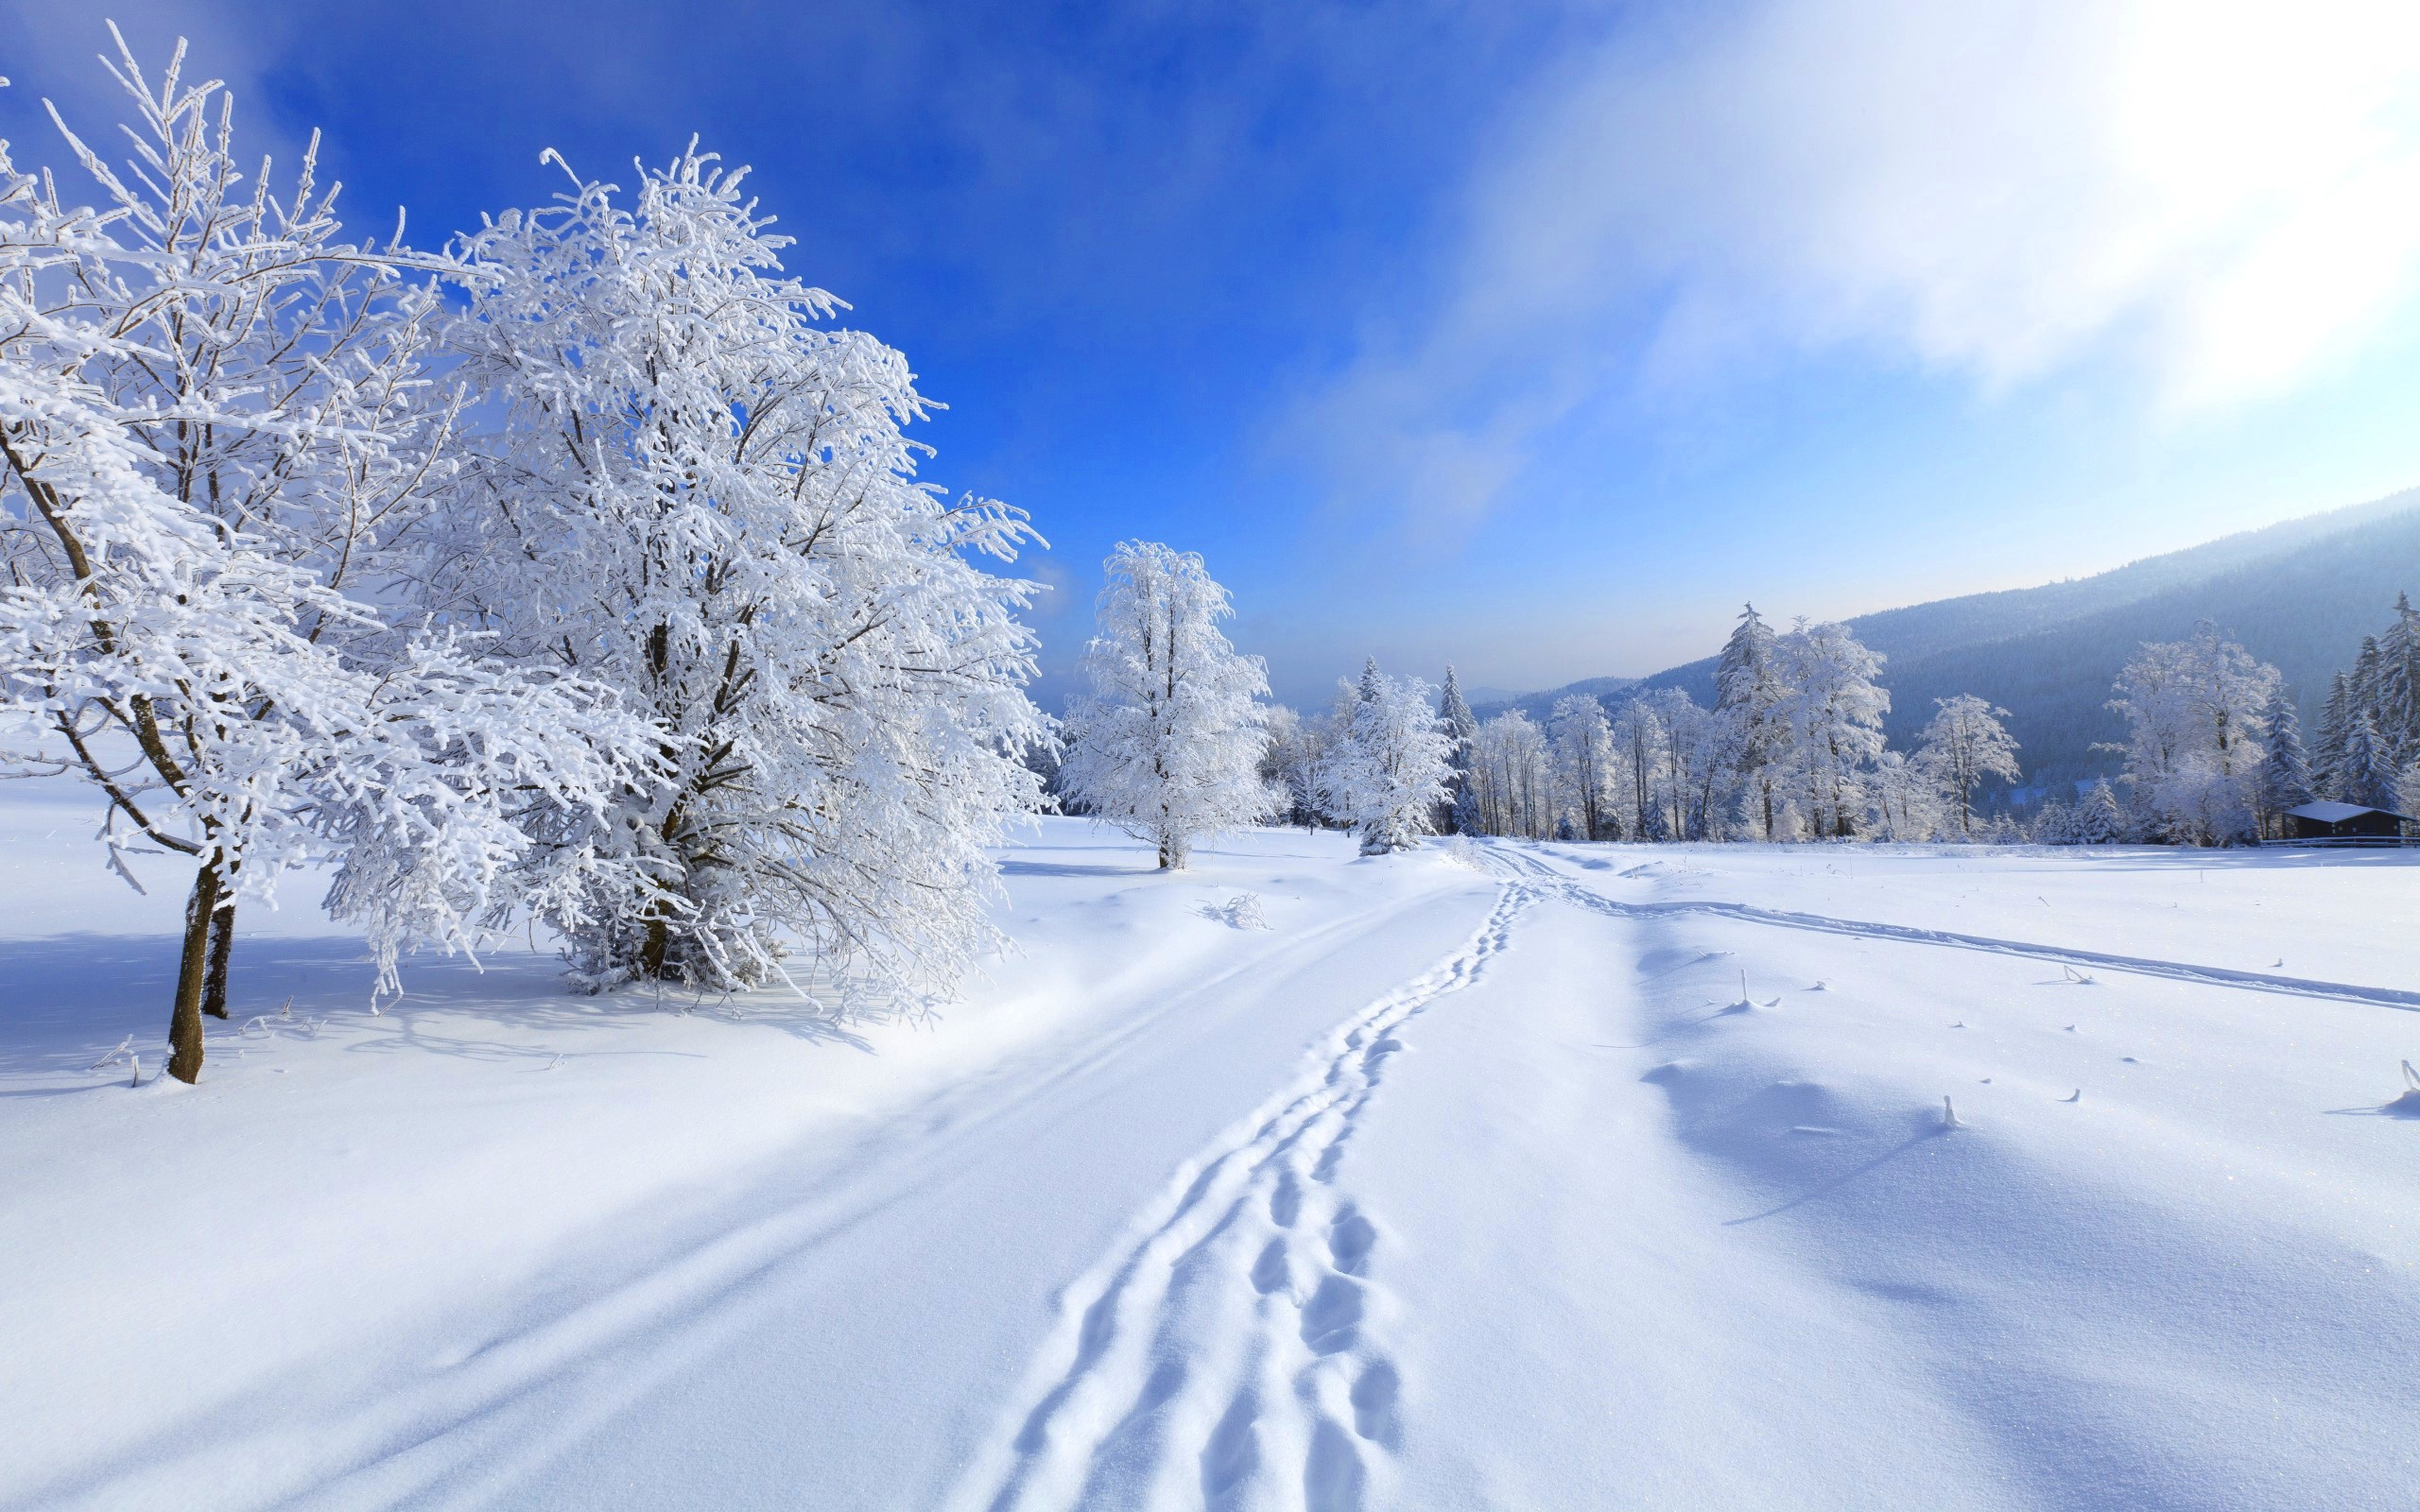 Картинки для рабочего стола зима пейзажи бураны, метели